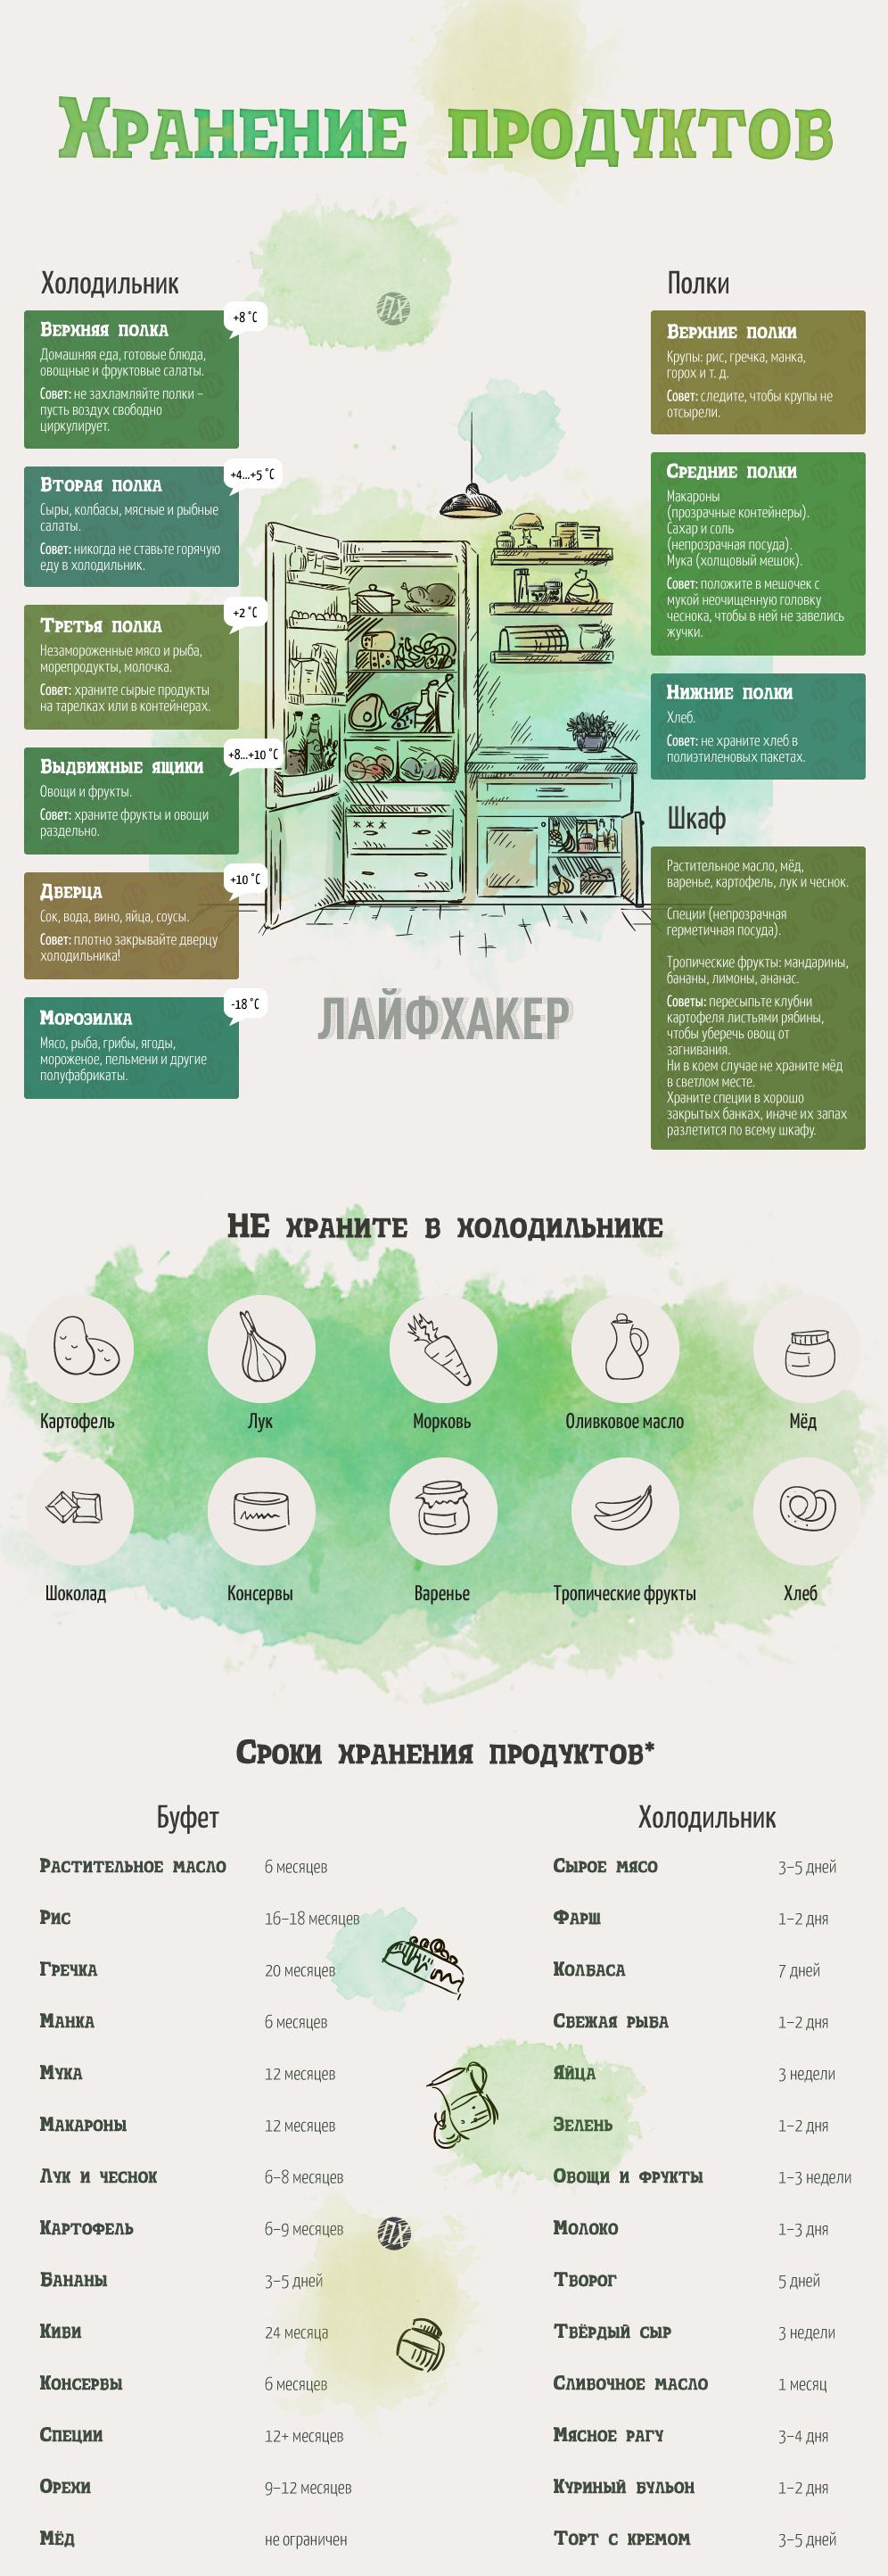 hranenie-produktov-4